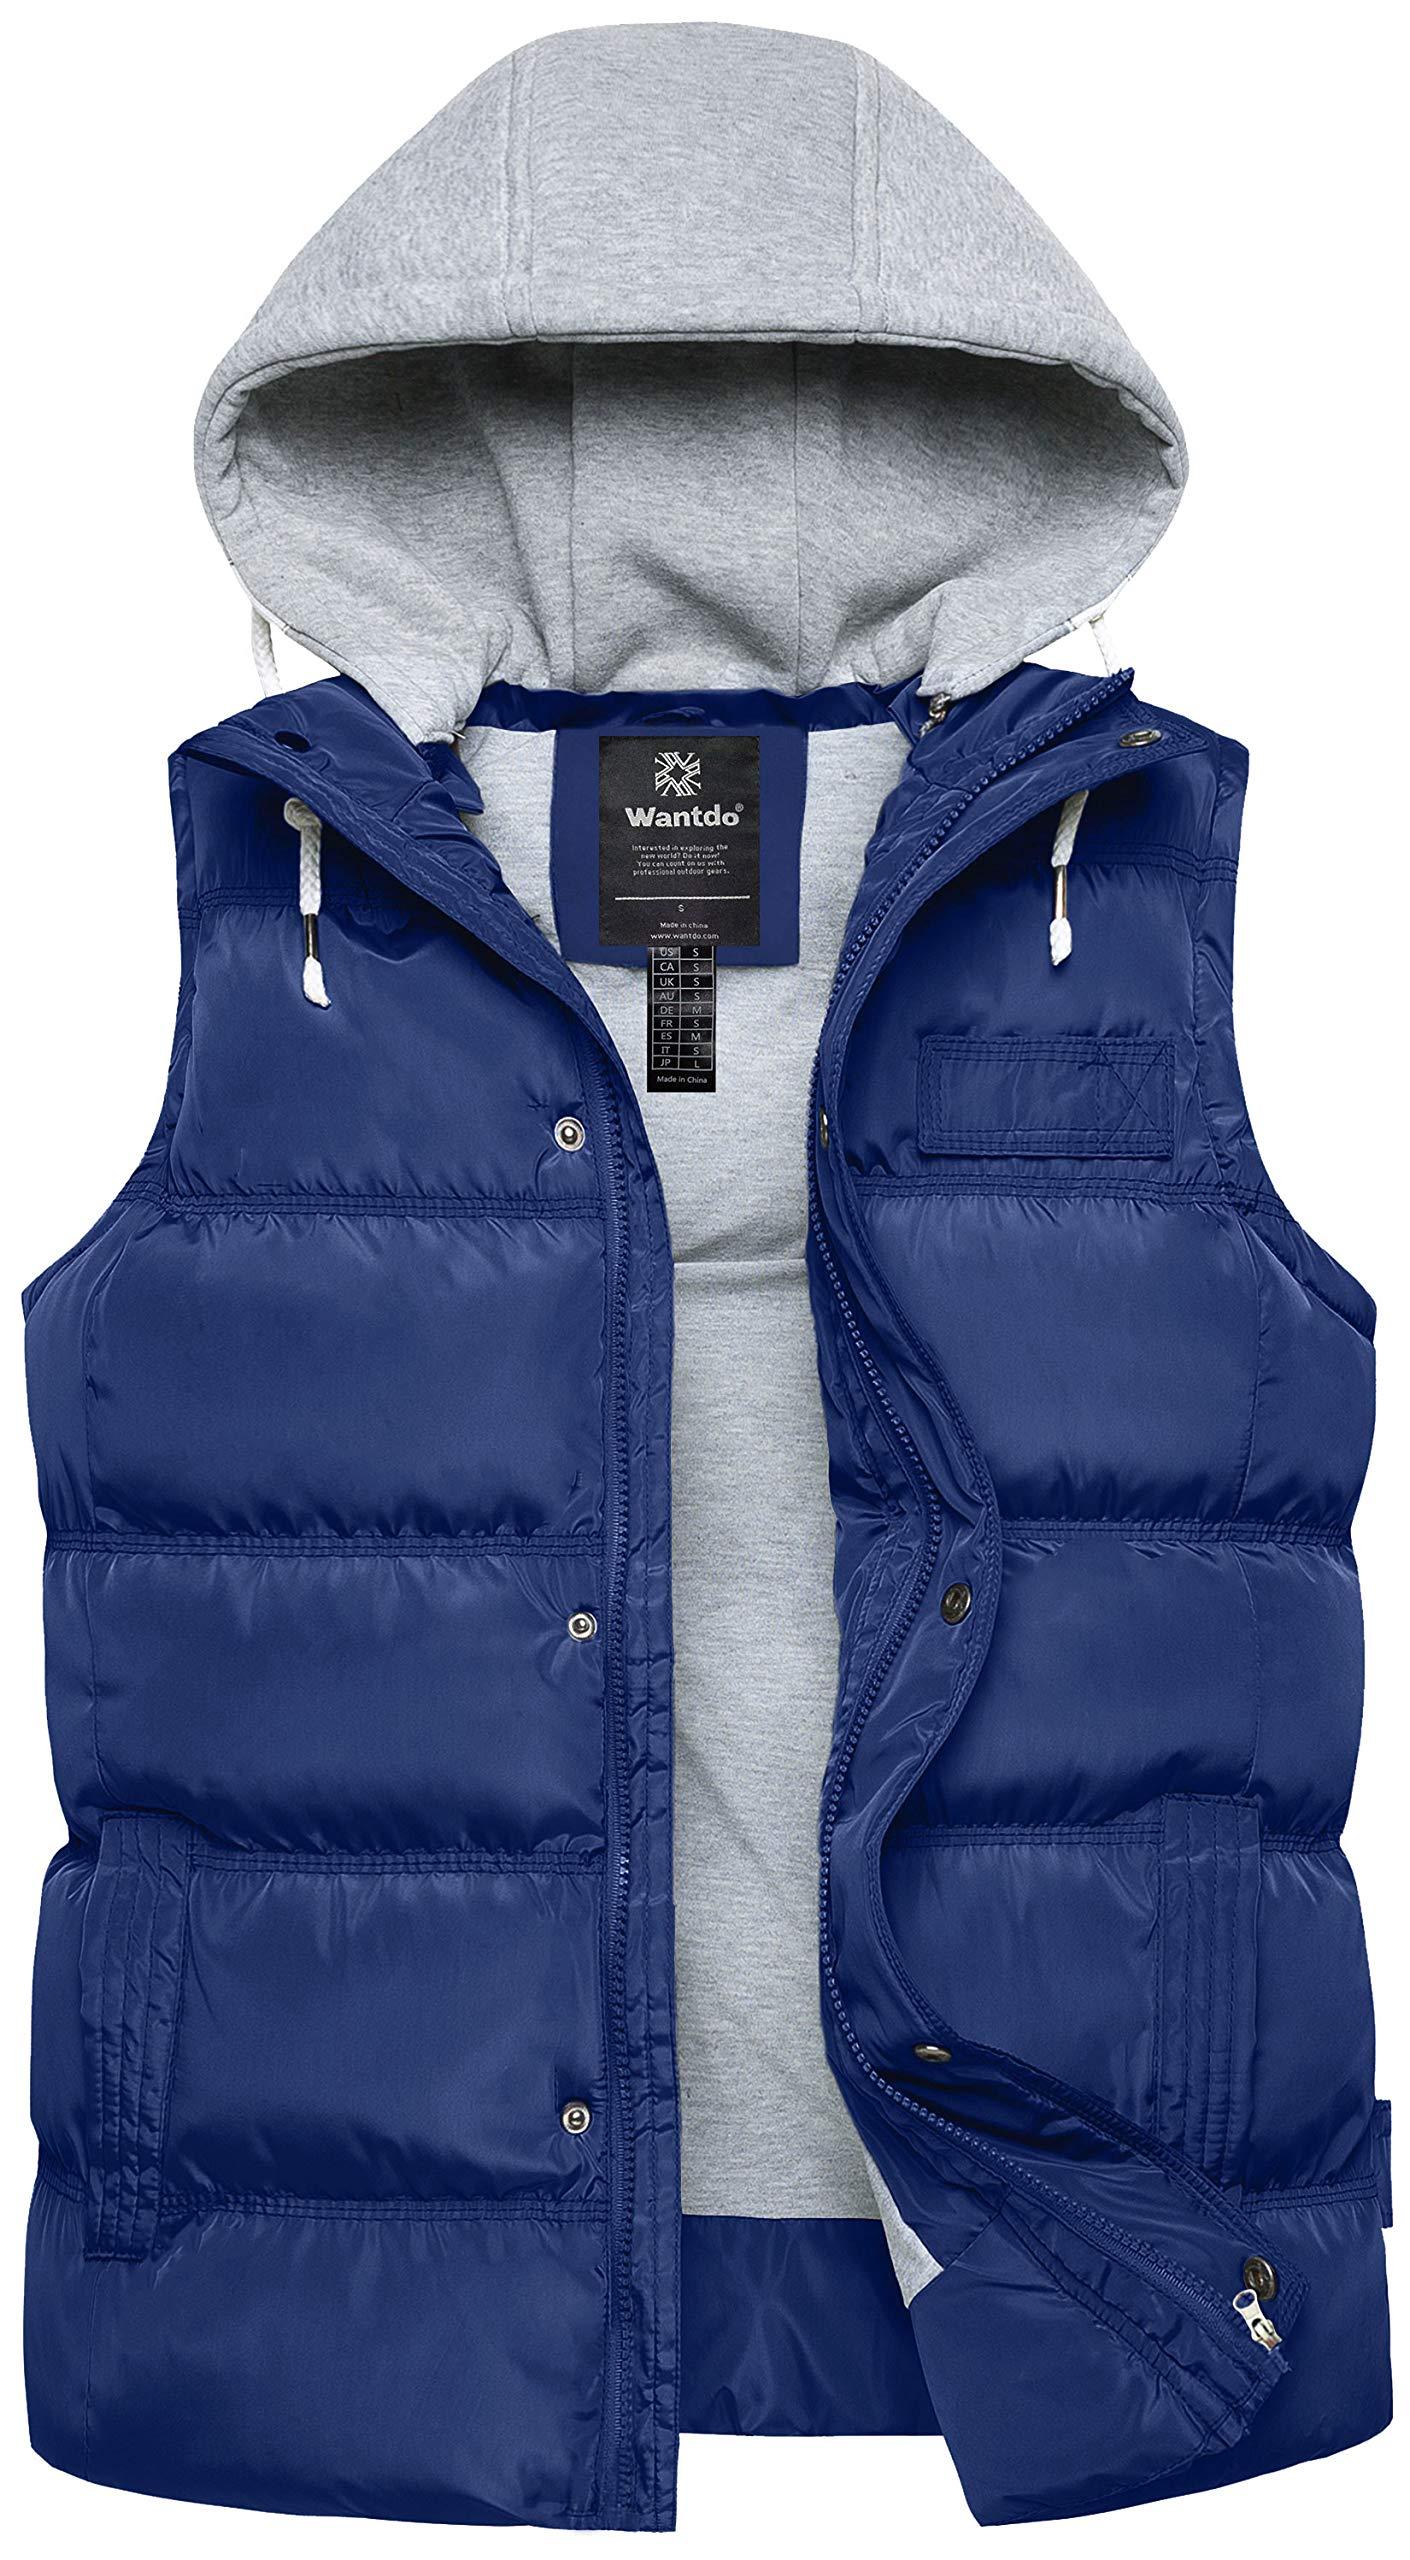 Wantdo Women's Windproof Winter Heated Vest Hooded Puffer Coat Small Blue by Wantdo